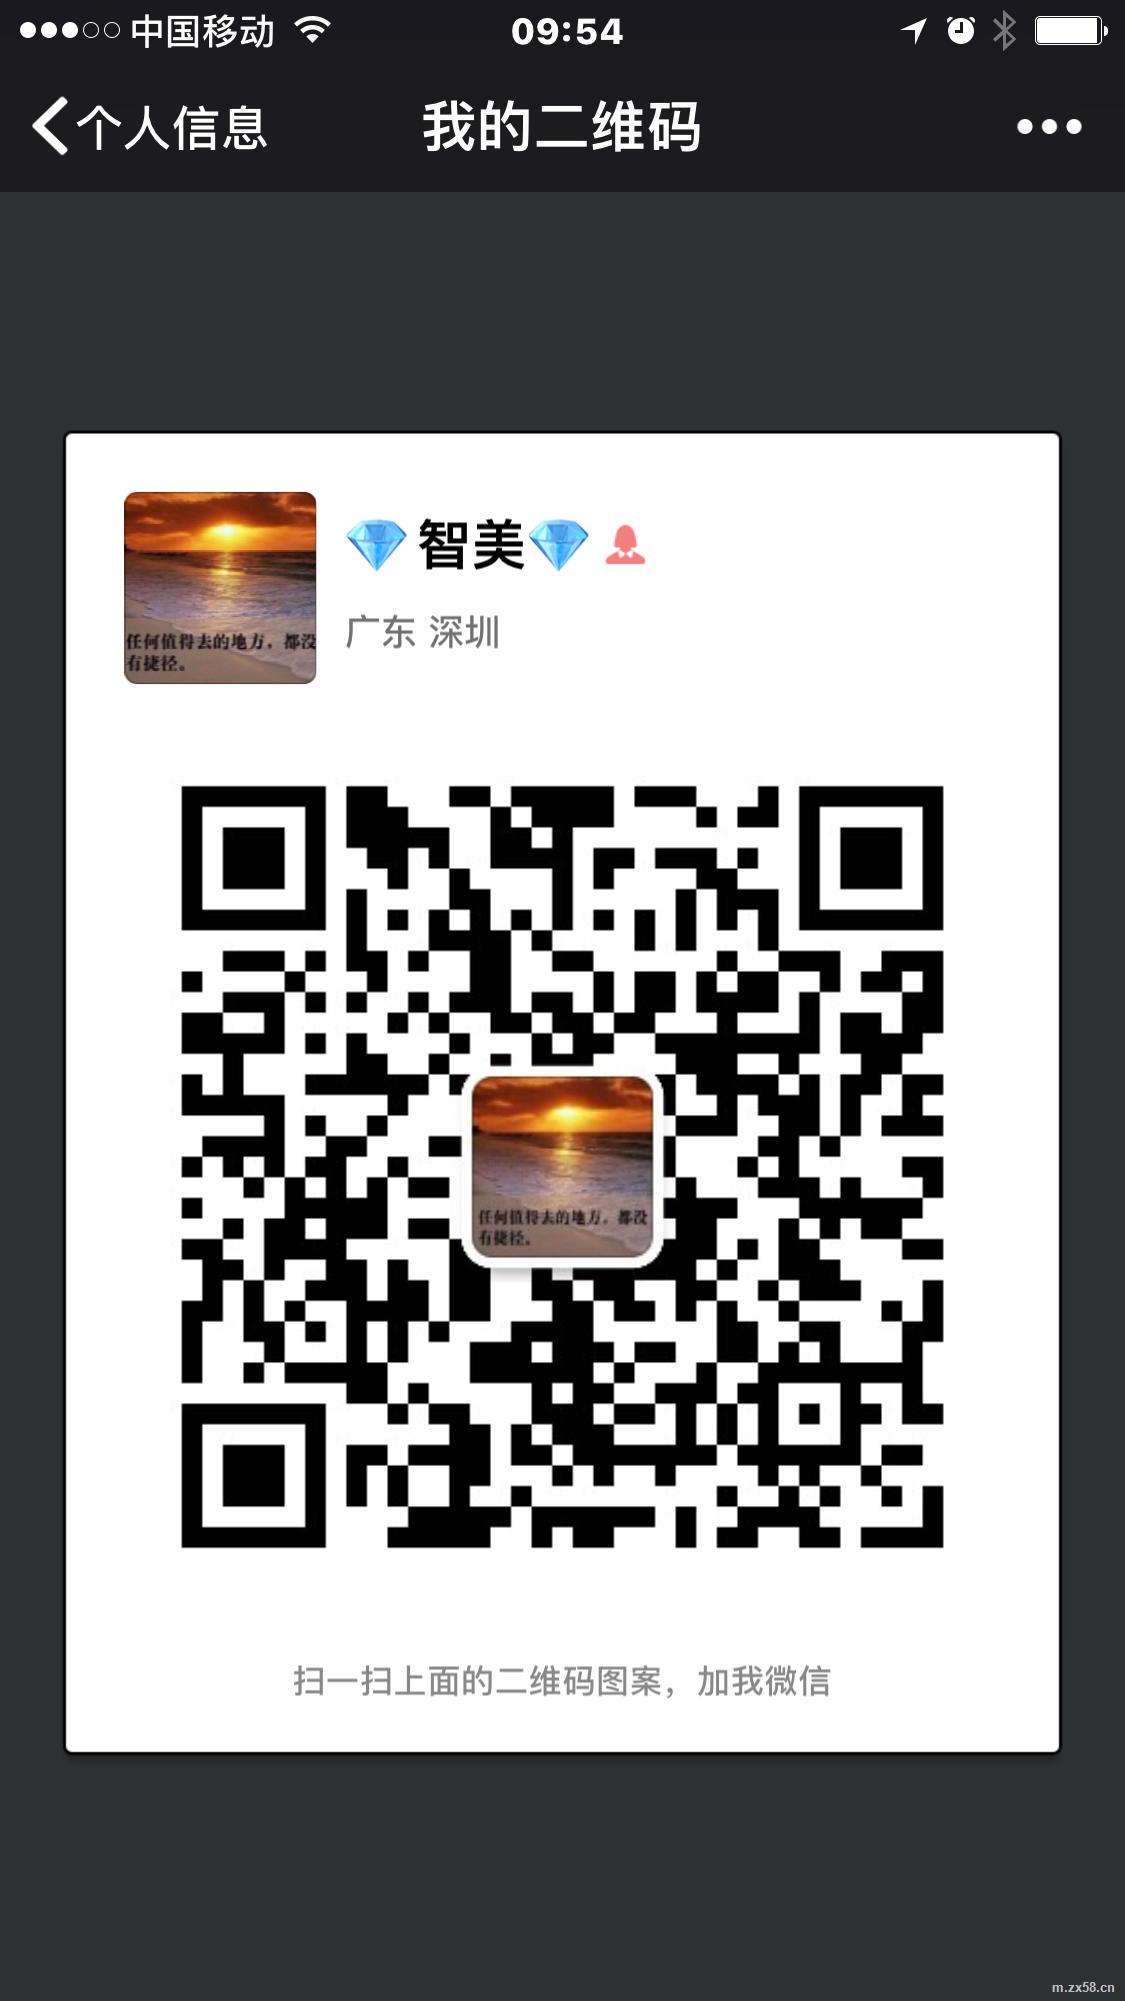 婕斯红宝石总裁婕斯中国系统合一团队